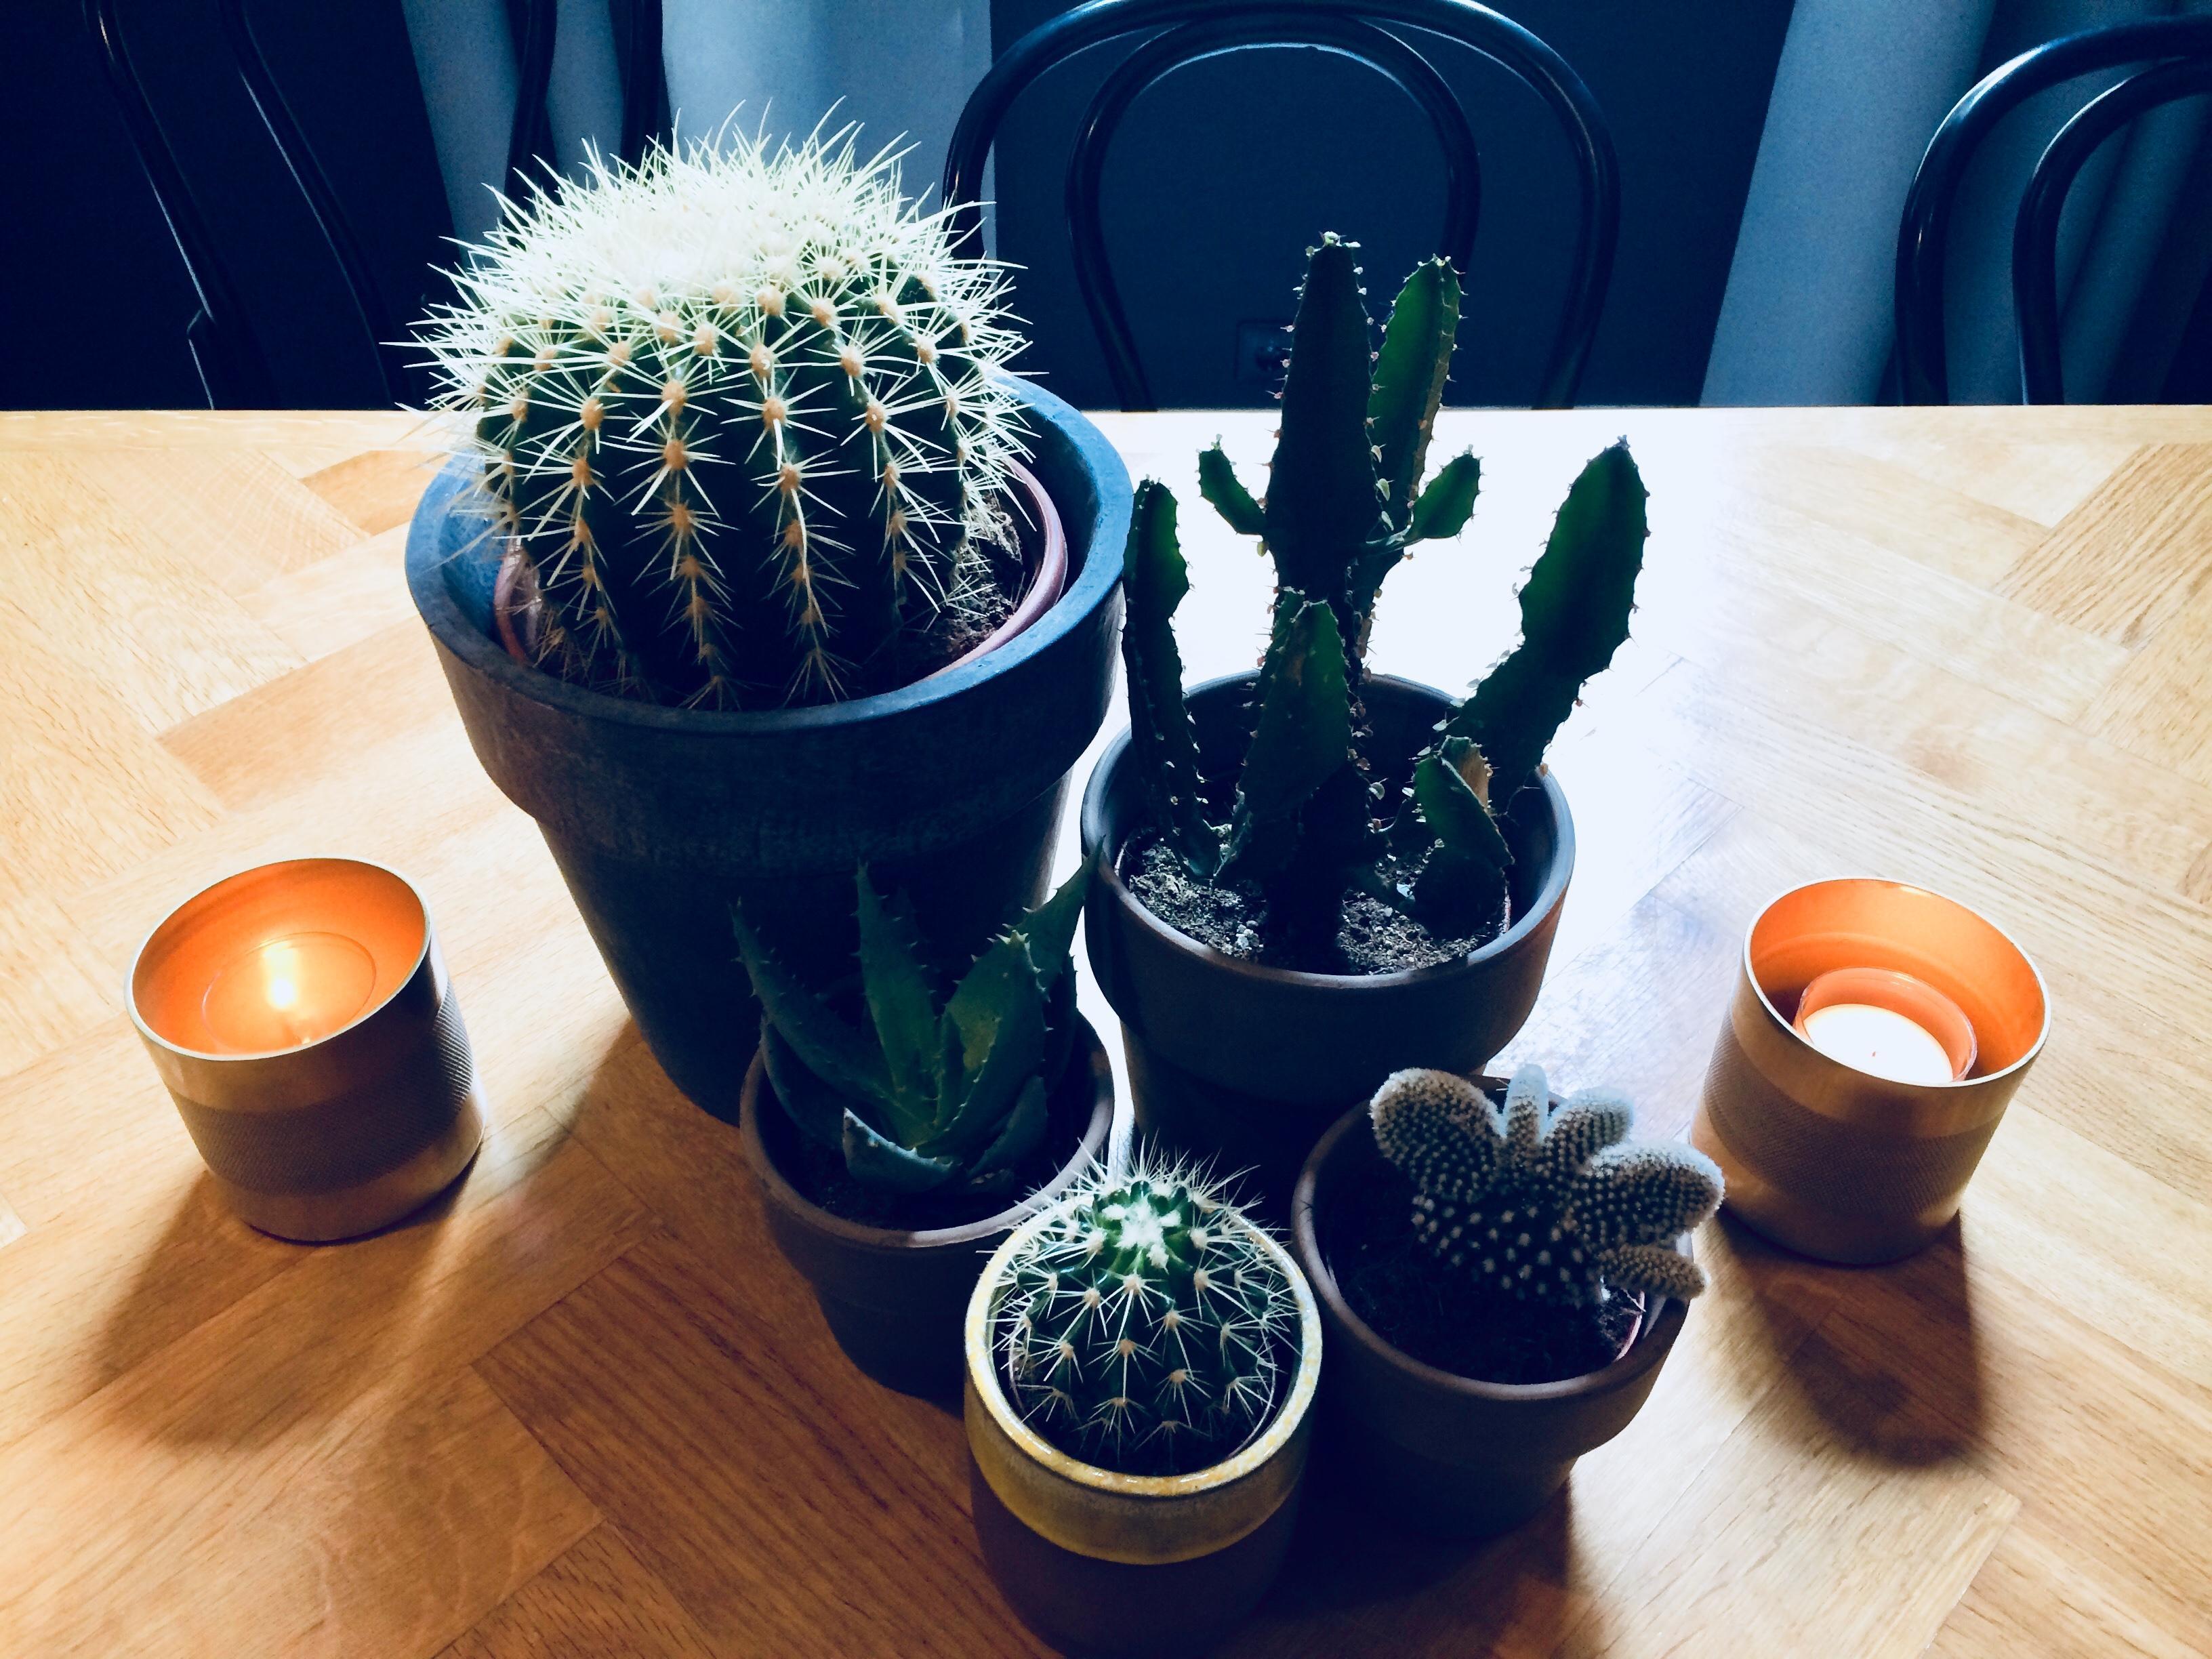 Super Schone Tischdeko Deko Tischdeko Kaktus